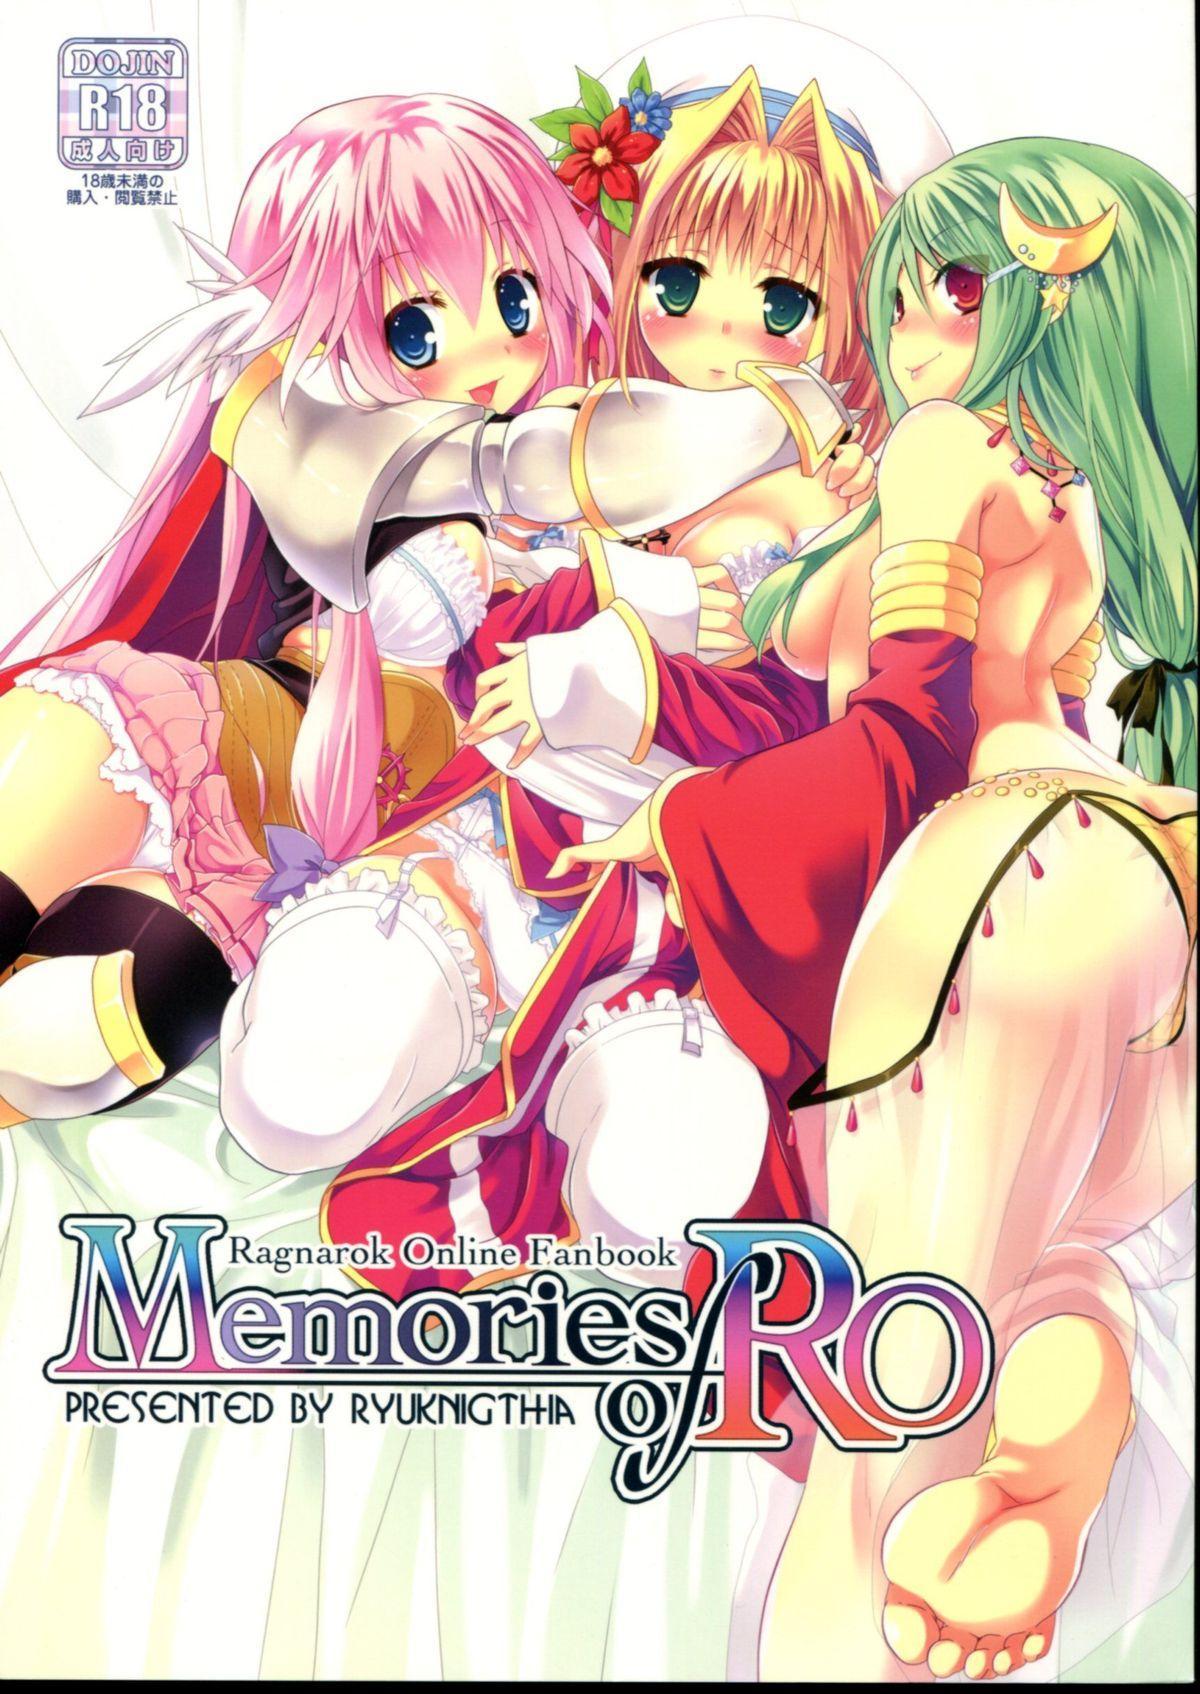 Memories of RO 0